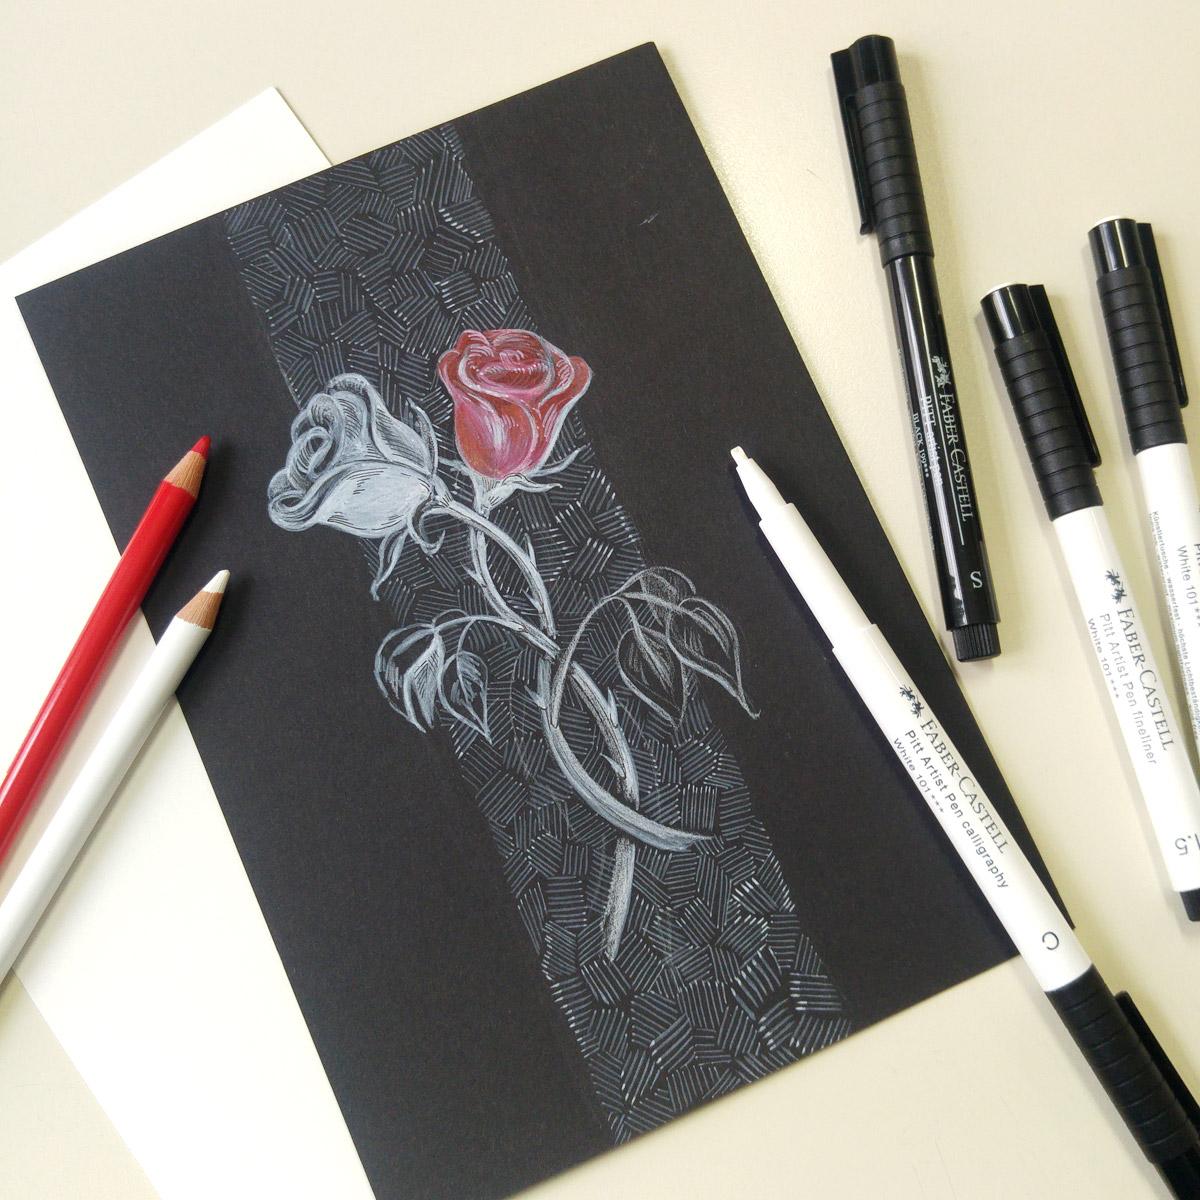 Das Bild für Schneeweißchen und Rosenrot fällt ein wenig aus meiner Reihe: Die beiden Rosen auf schwarzem Papier mit weißen Stiften.